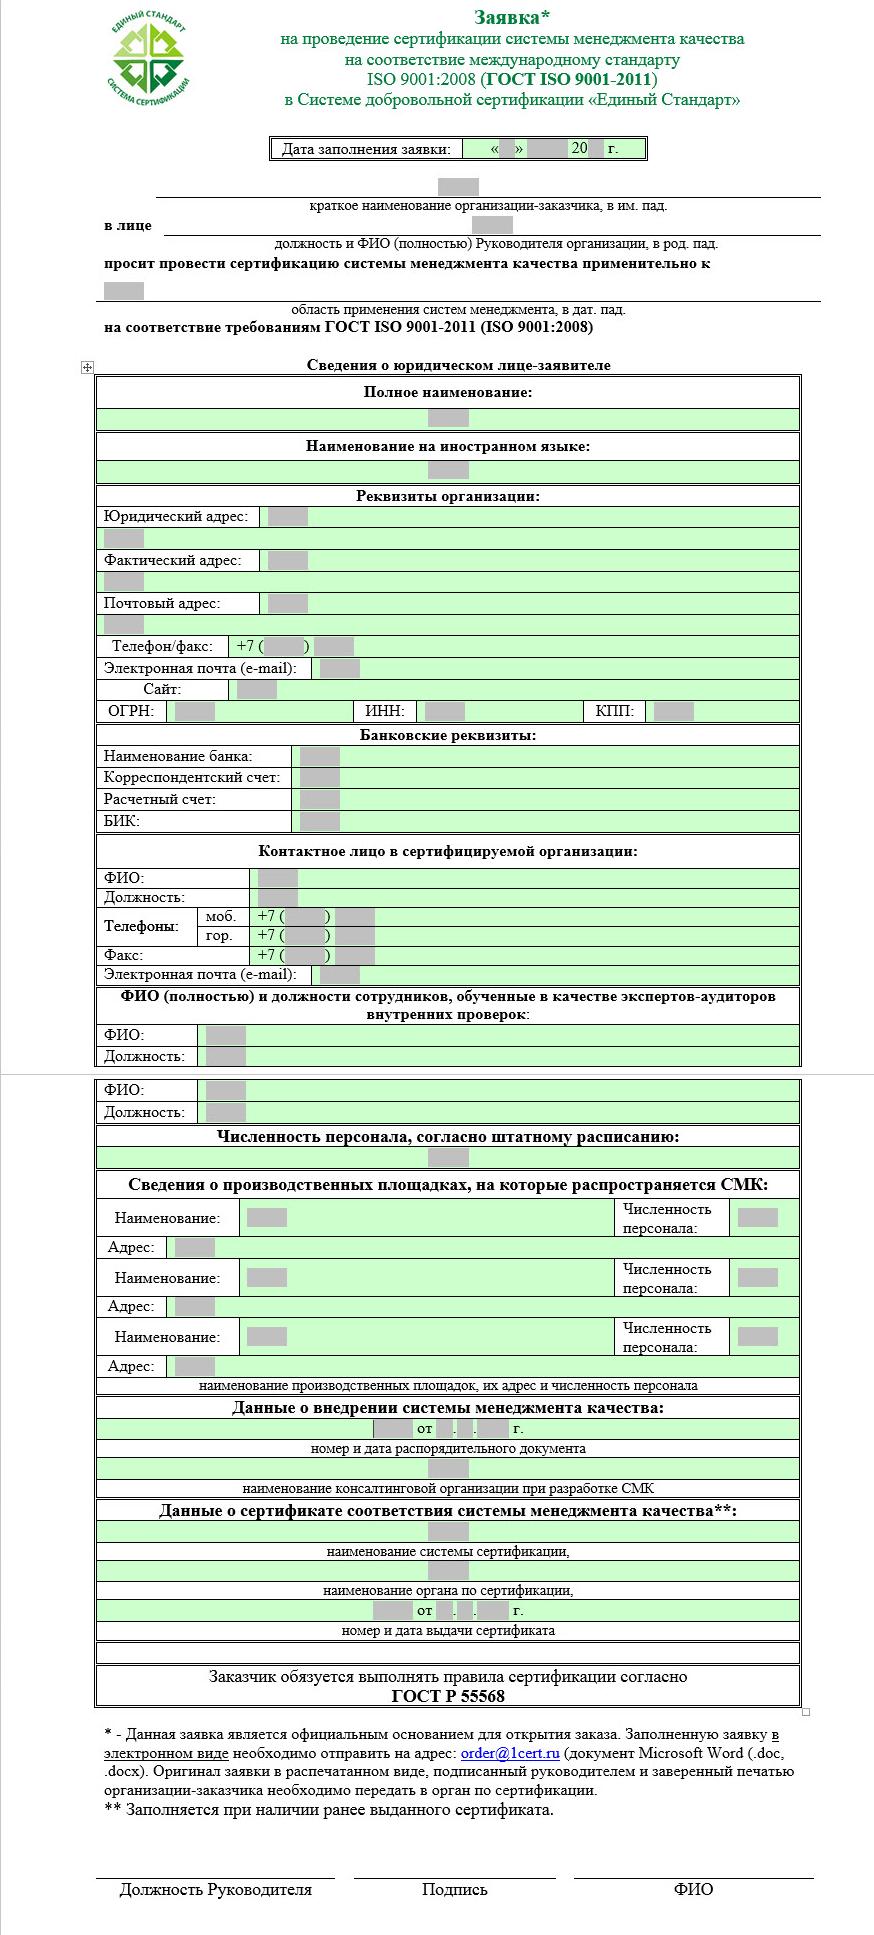 Заявка на сертификацию ISO 9001